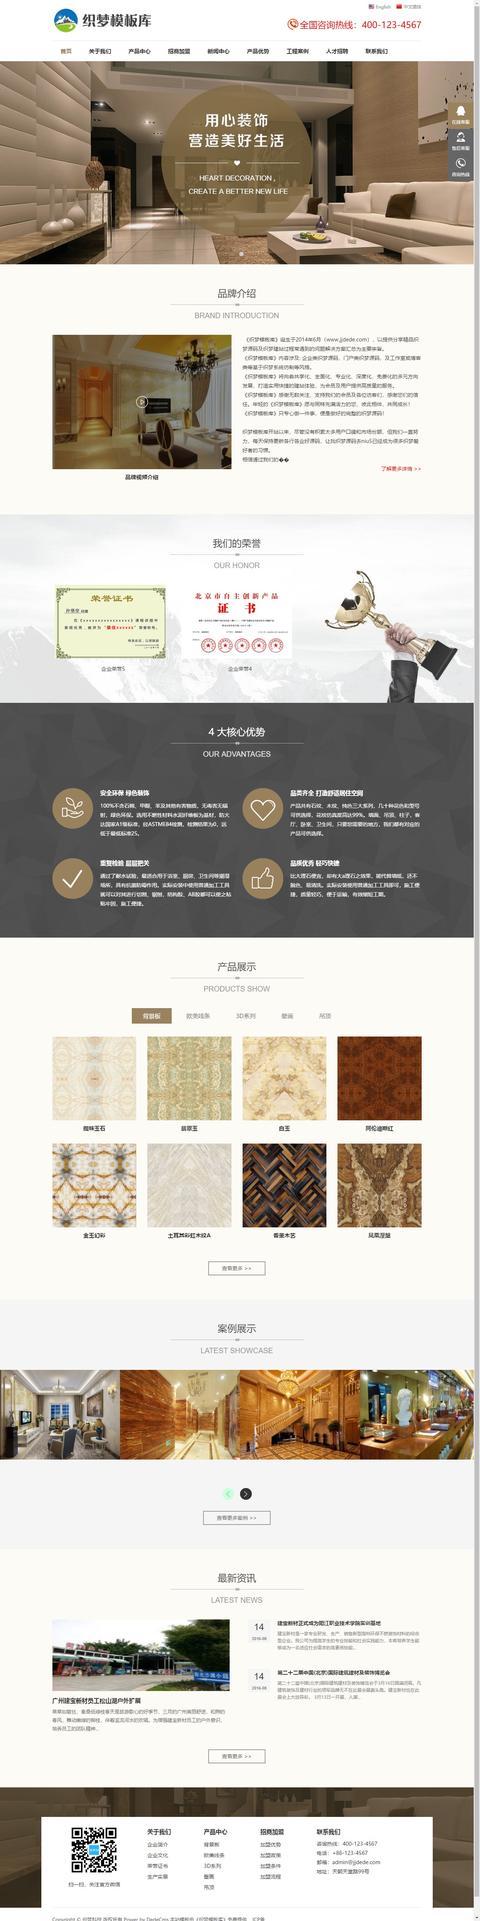 中英双语家居瓷砖建材类产品中心招商加盟工程案例